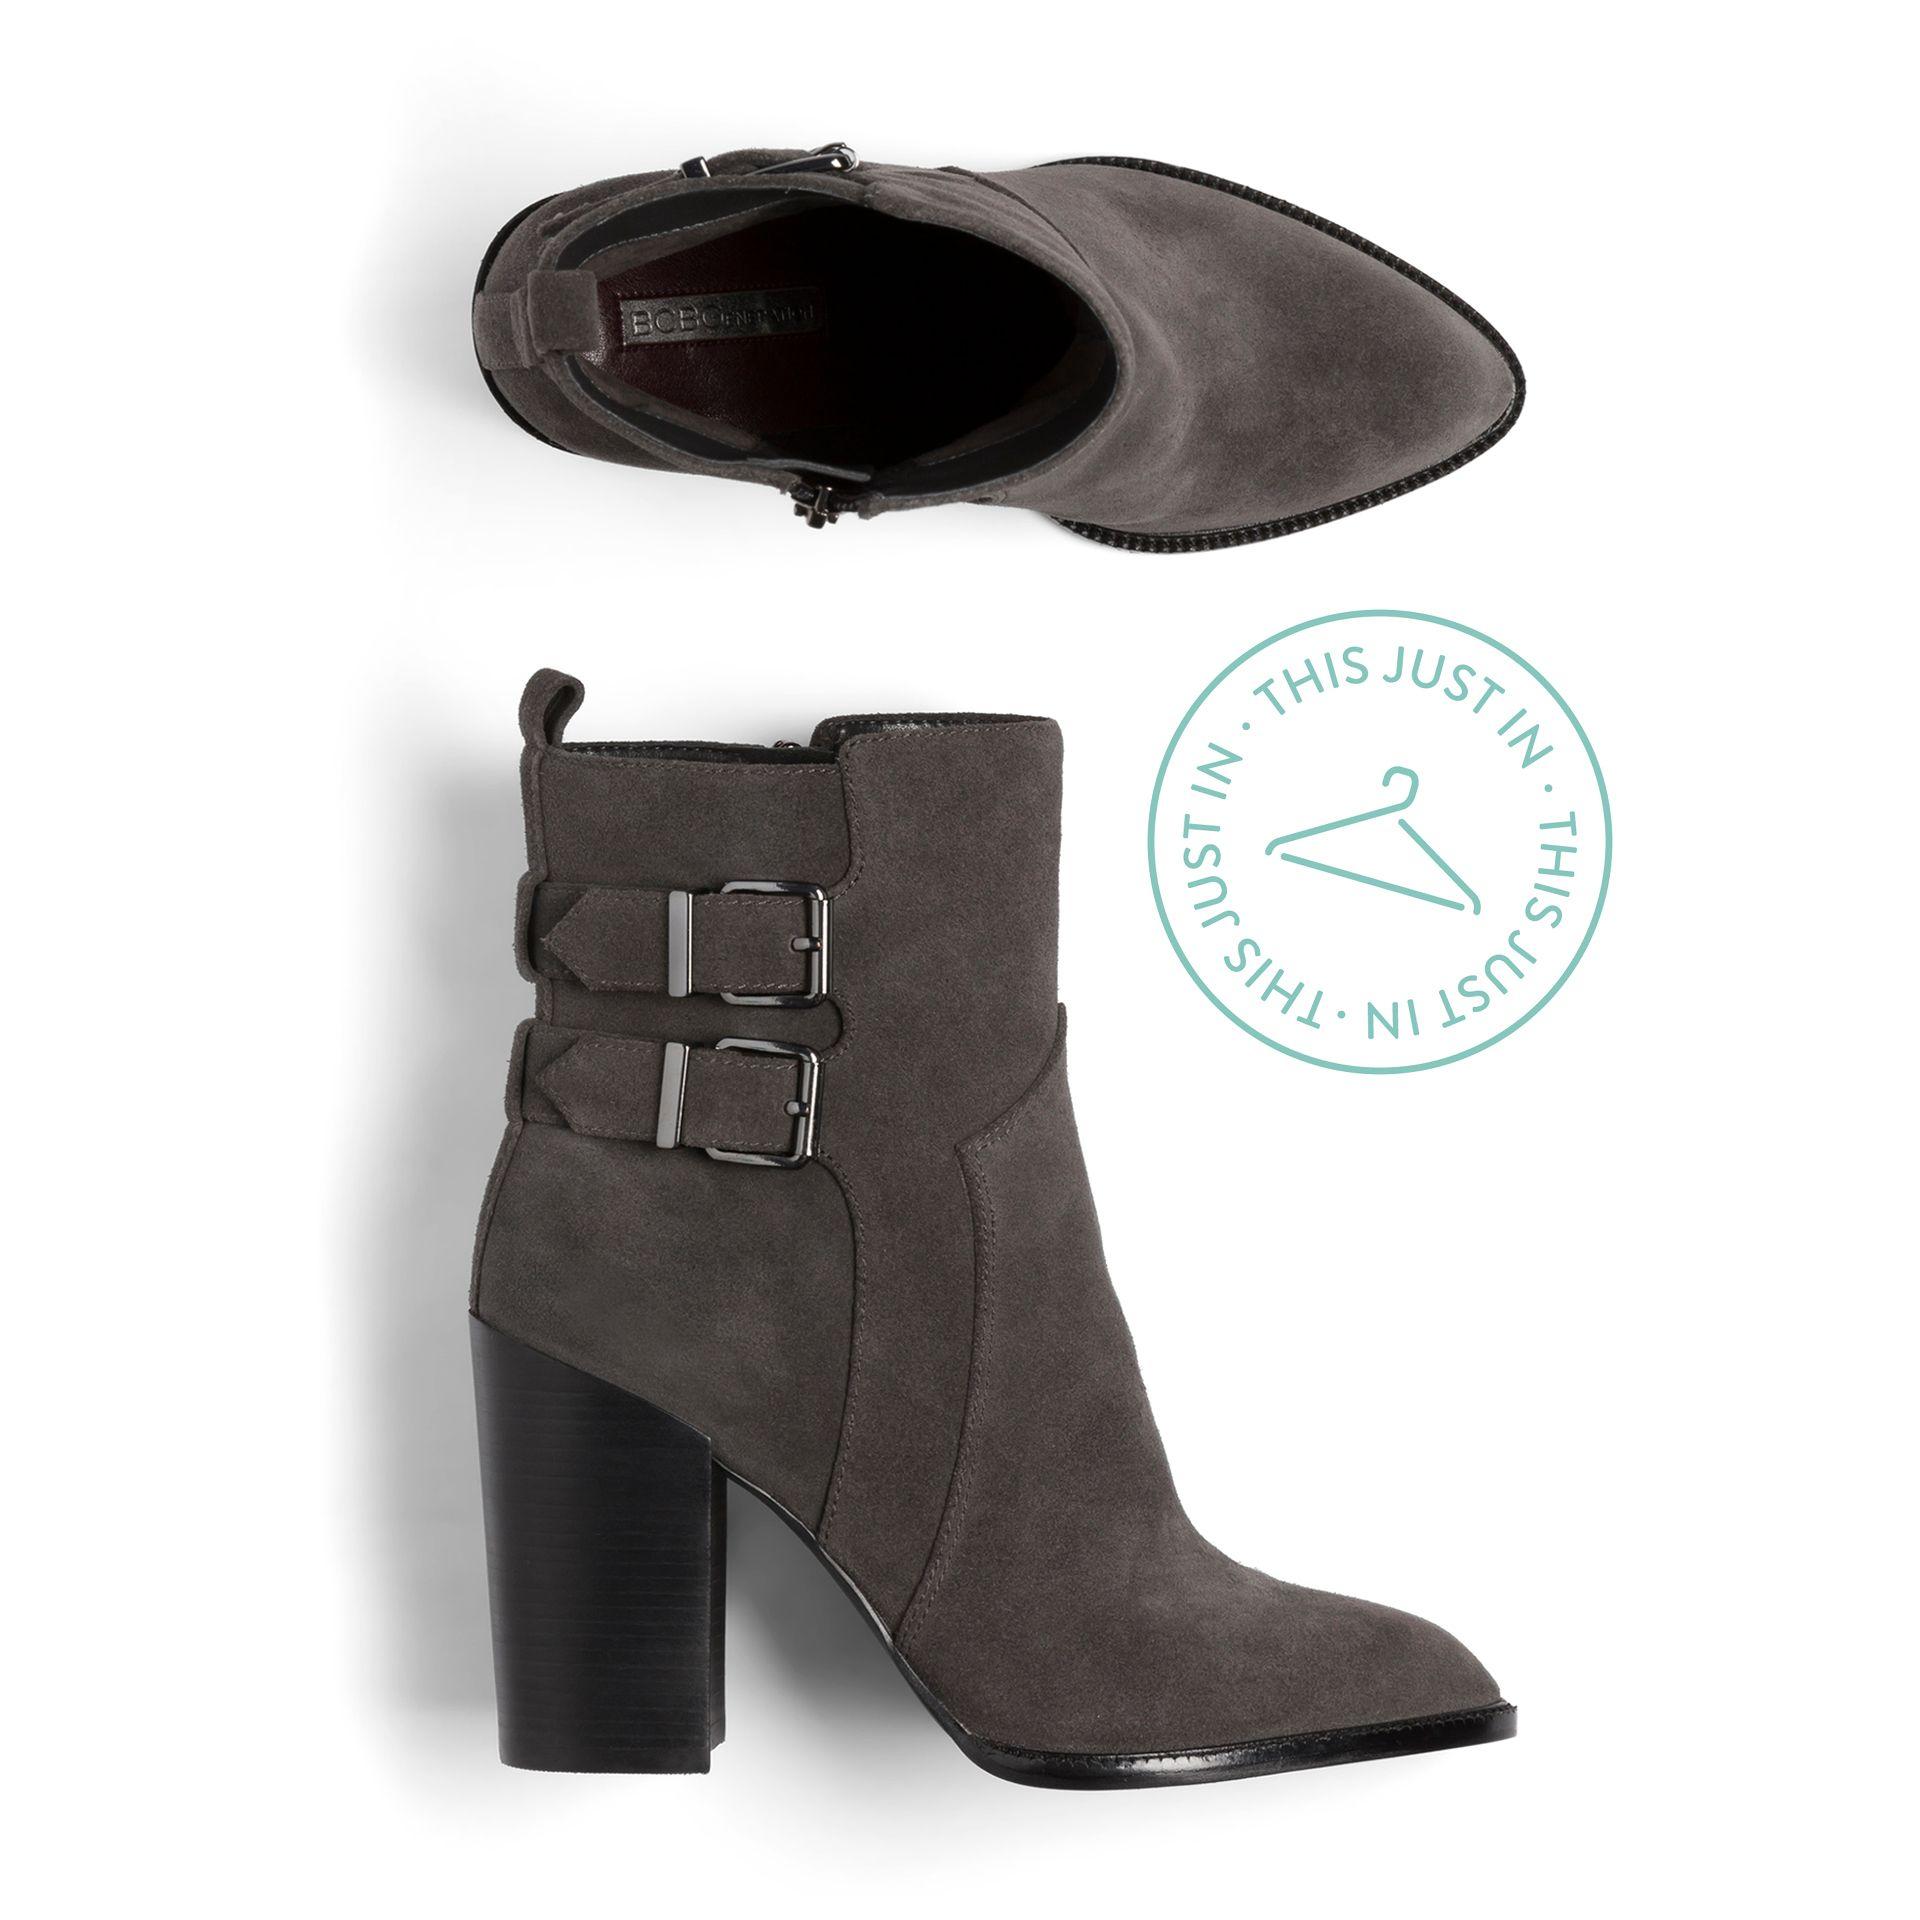 Chaussures - Cheville Jus De Bottes jQQyJE1k